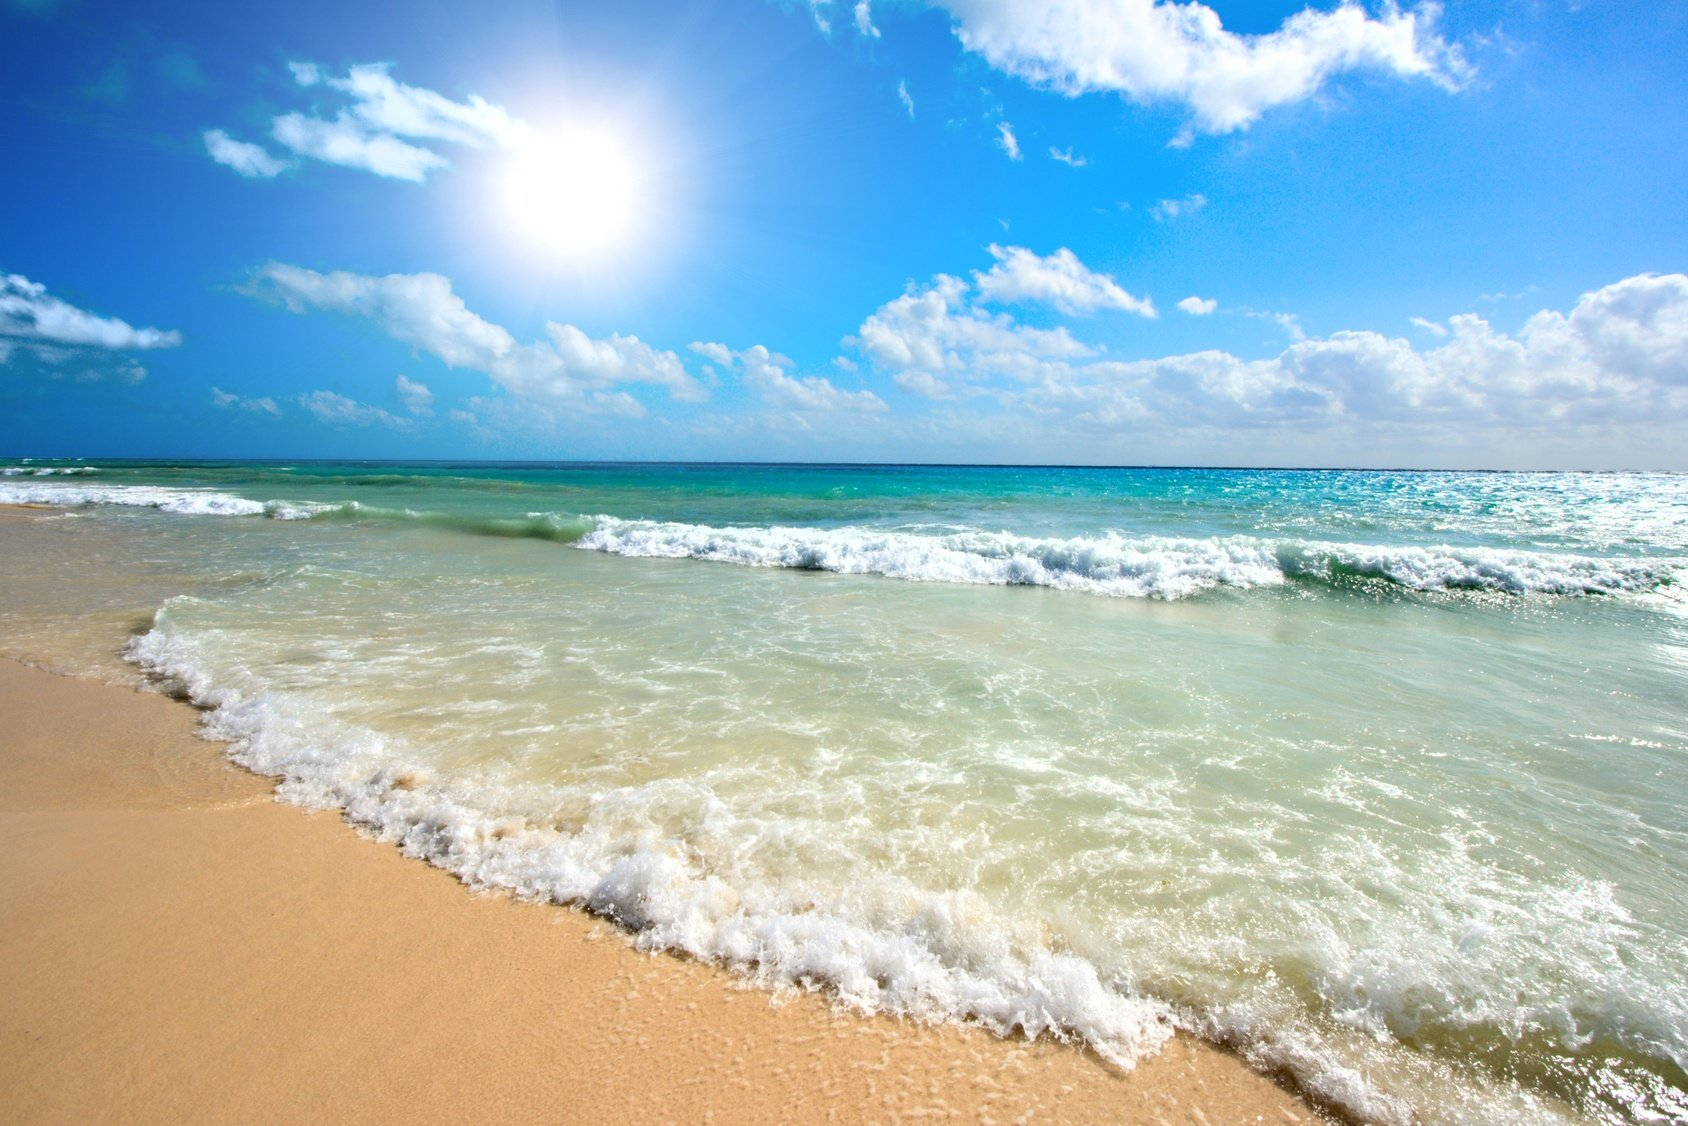 Nhiều người đi đến bãi biển đơn giản chỉ là để tản bộ hàng dặm dọc theo bờ biển, nơi giao nhau của đất và nước